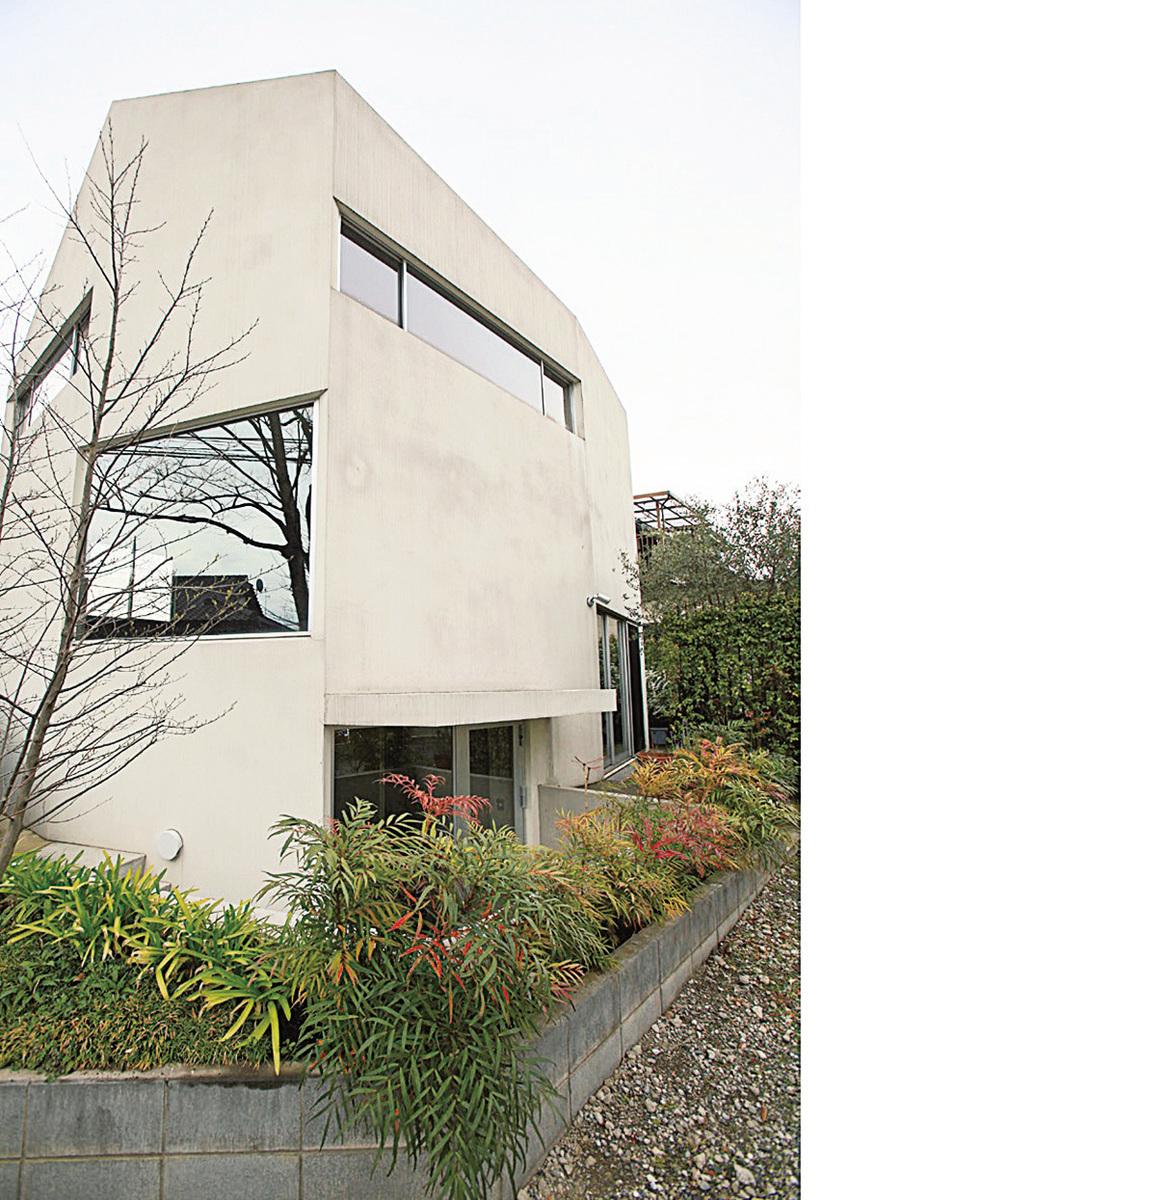 房子外觀。為了欣賞隔壁家的山毛櫸特別設置的大窗戶。